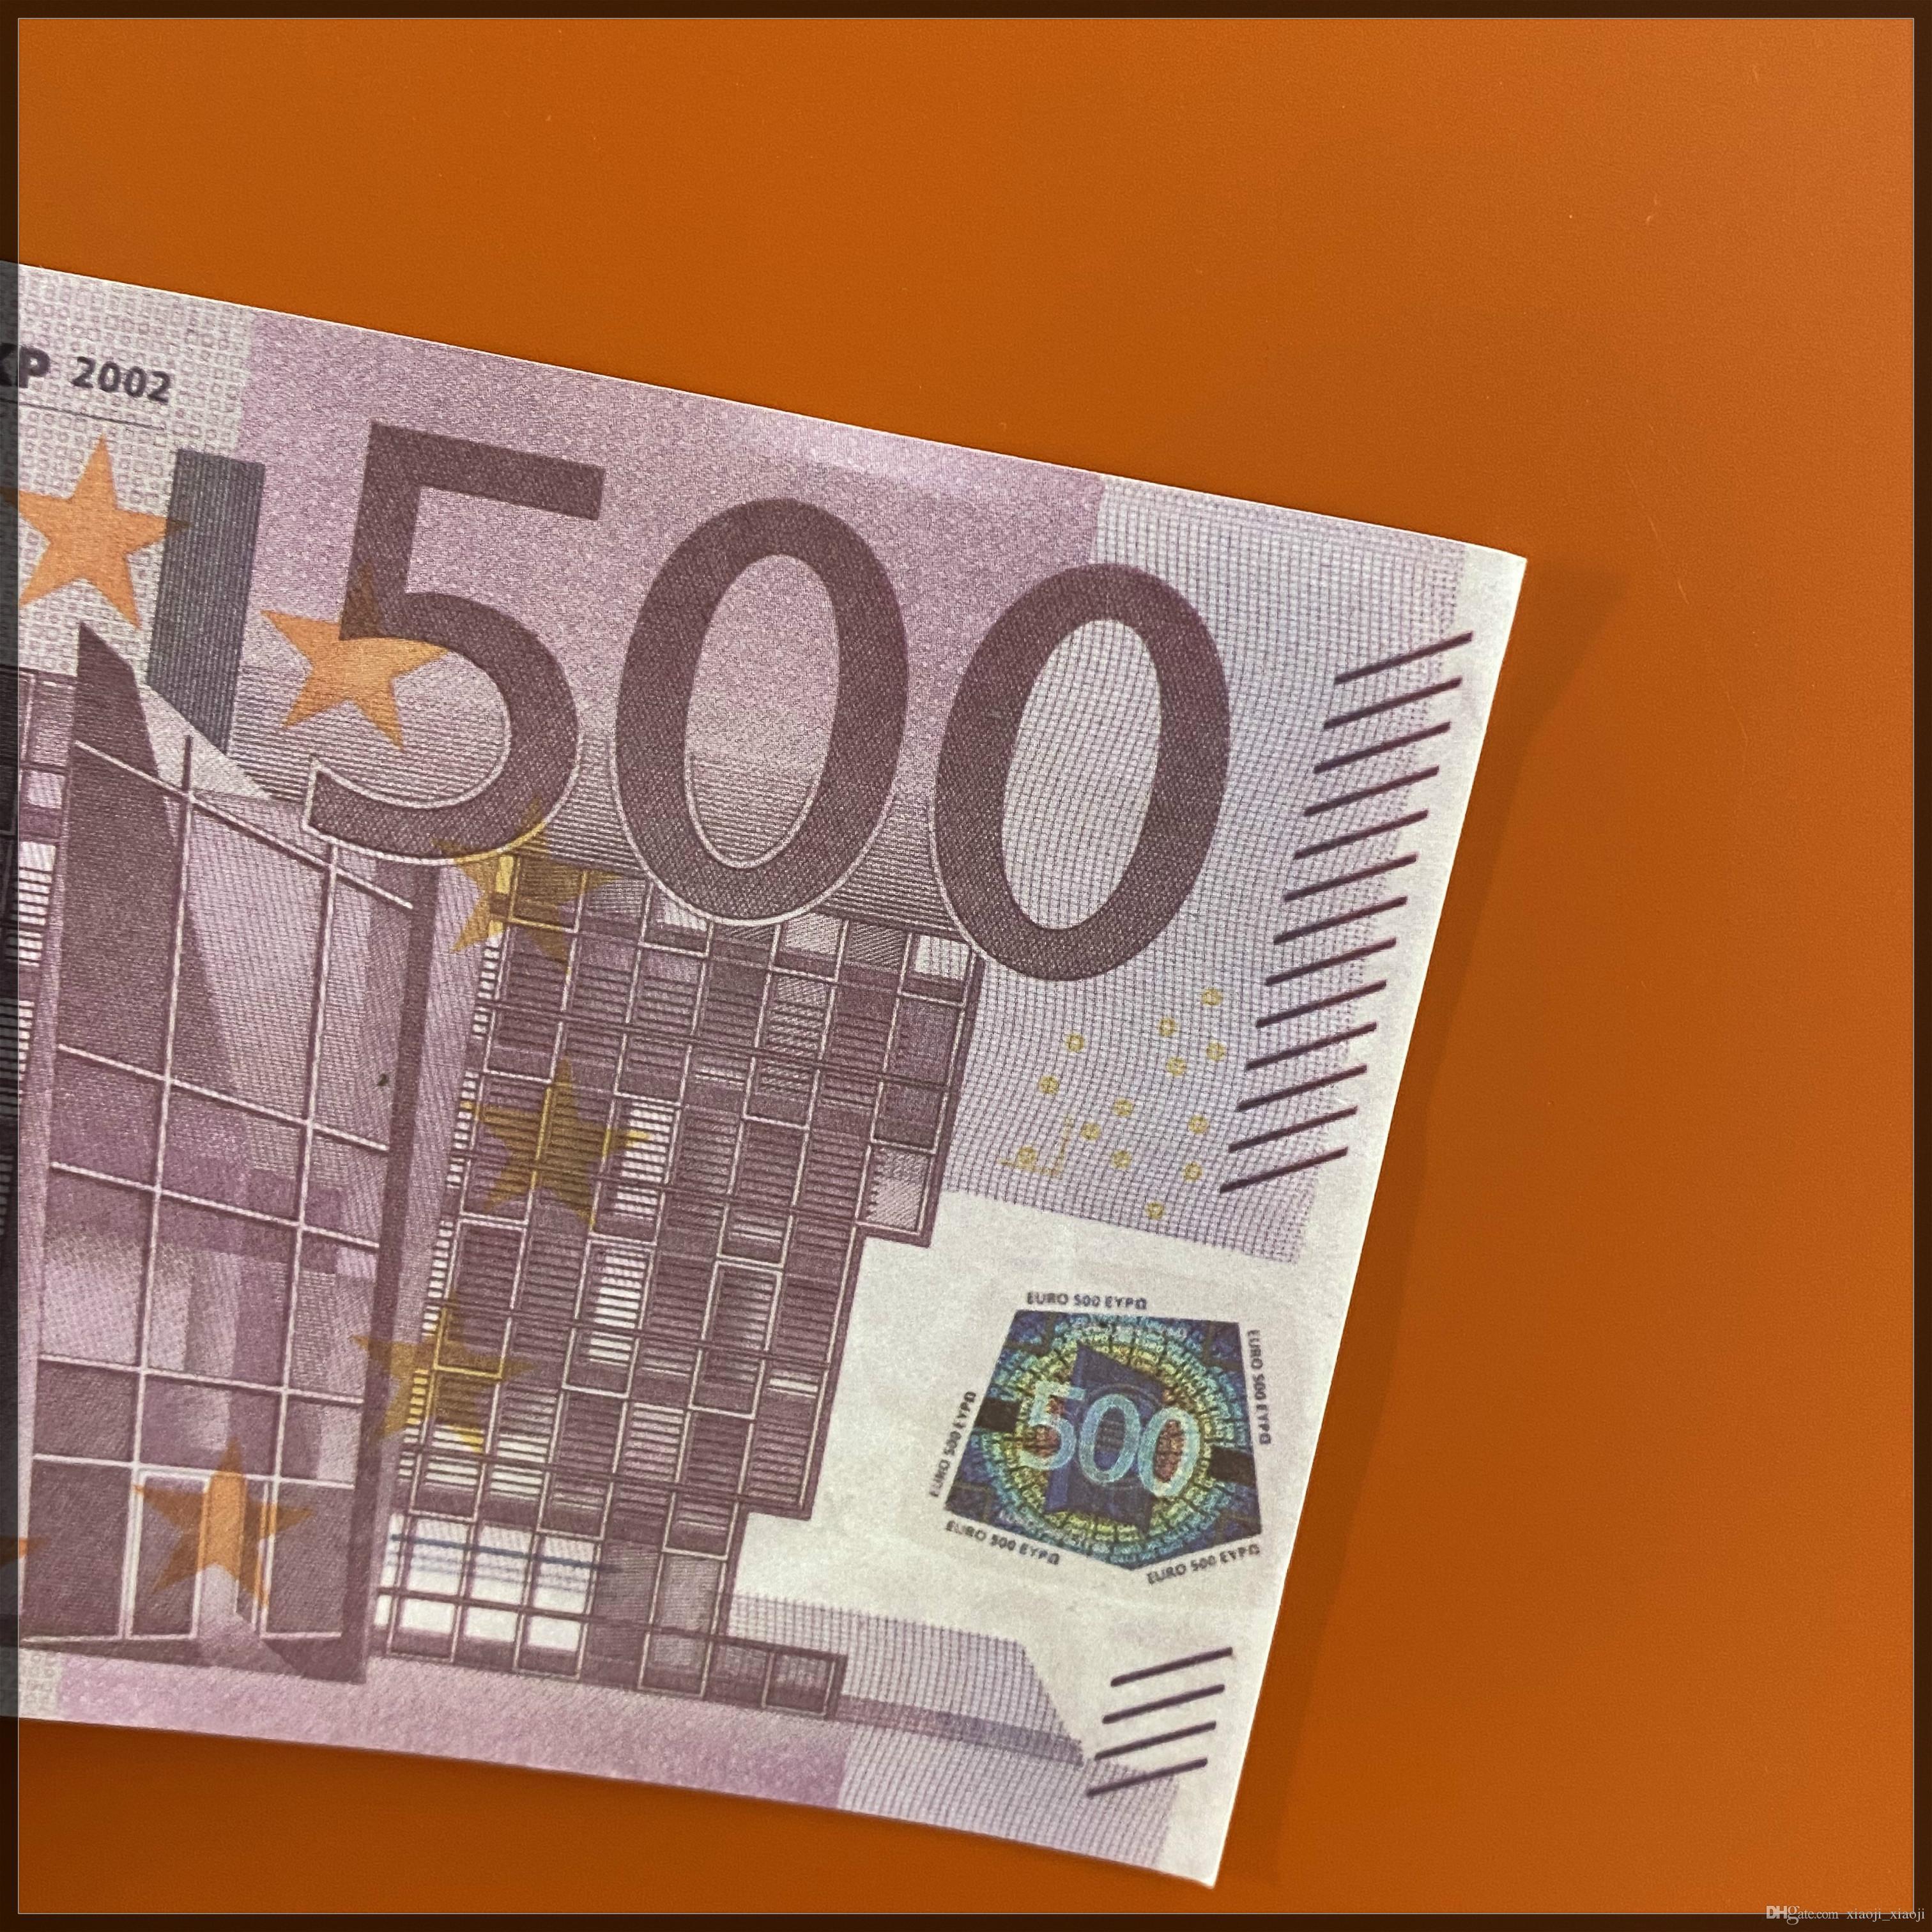 Money Paper Money Wholesale 500 Pretend Euro Realistic Copy Pop Banknote Pack 100pcs / Euro 02 Vkapp